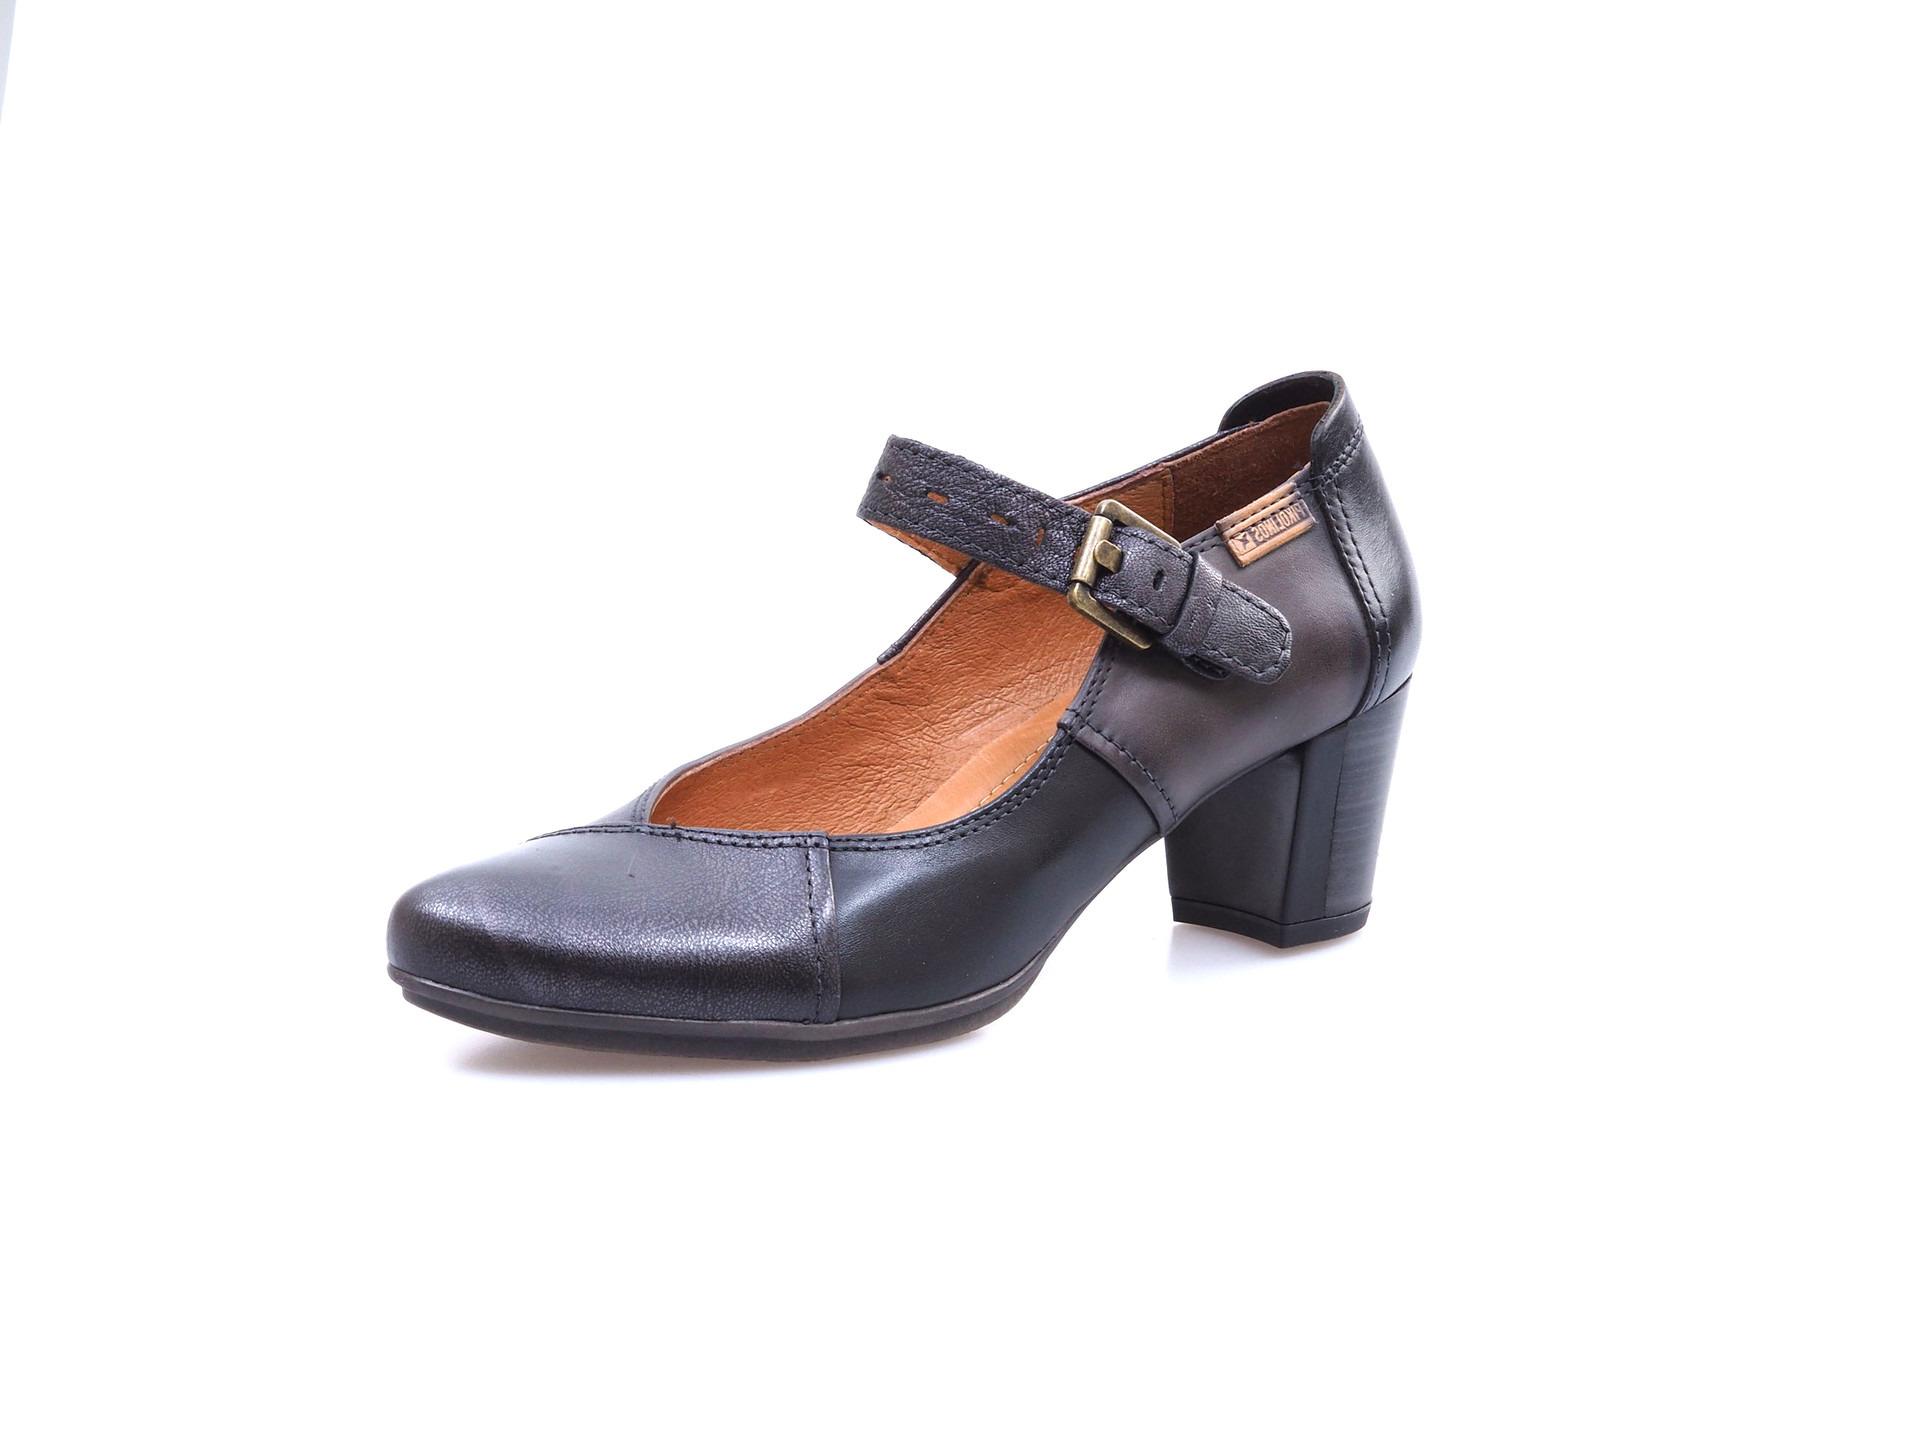 d578ef4d14 Soňa - Dámska obuv - Poltopánky - Čierne kožené topánky so zapínacím ...